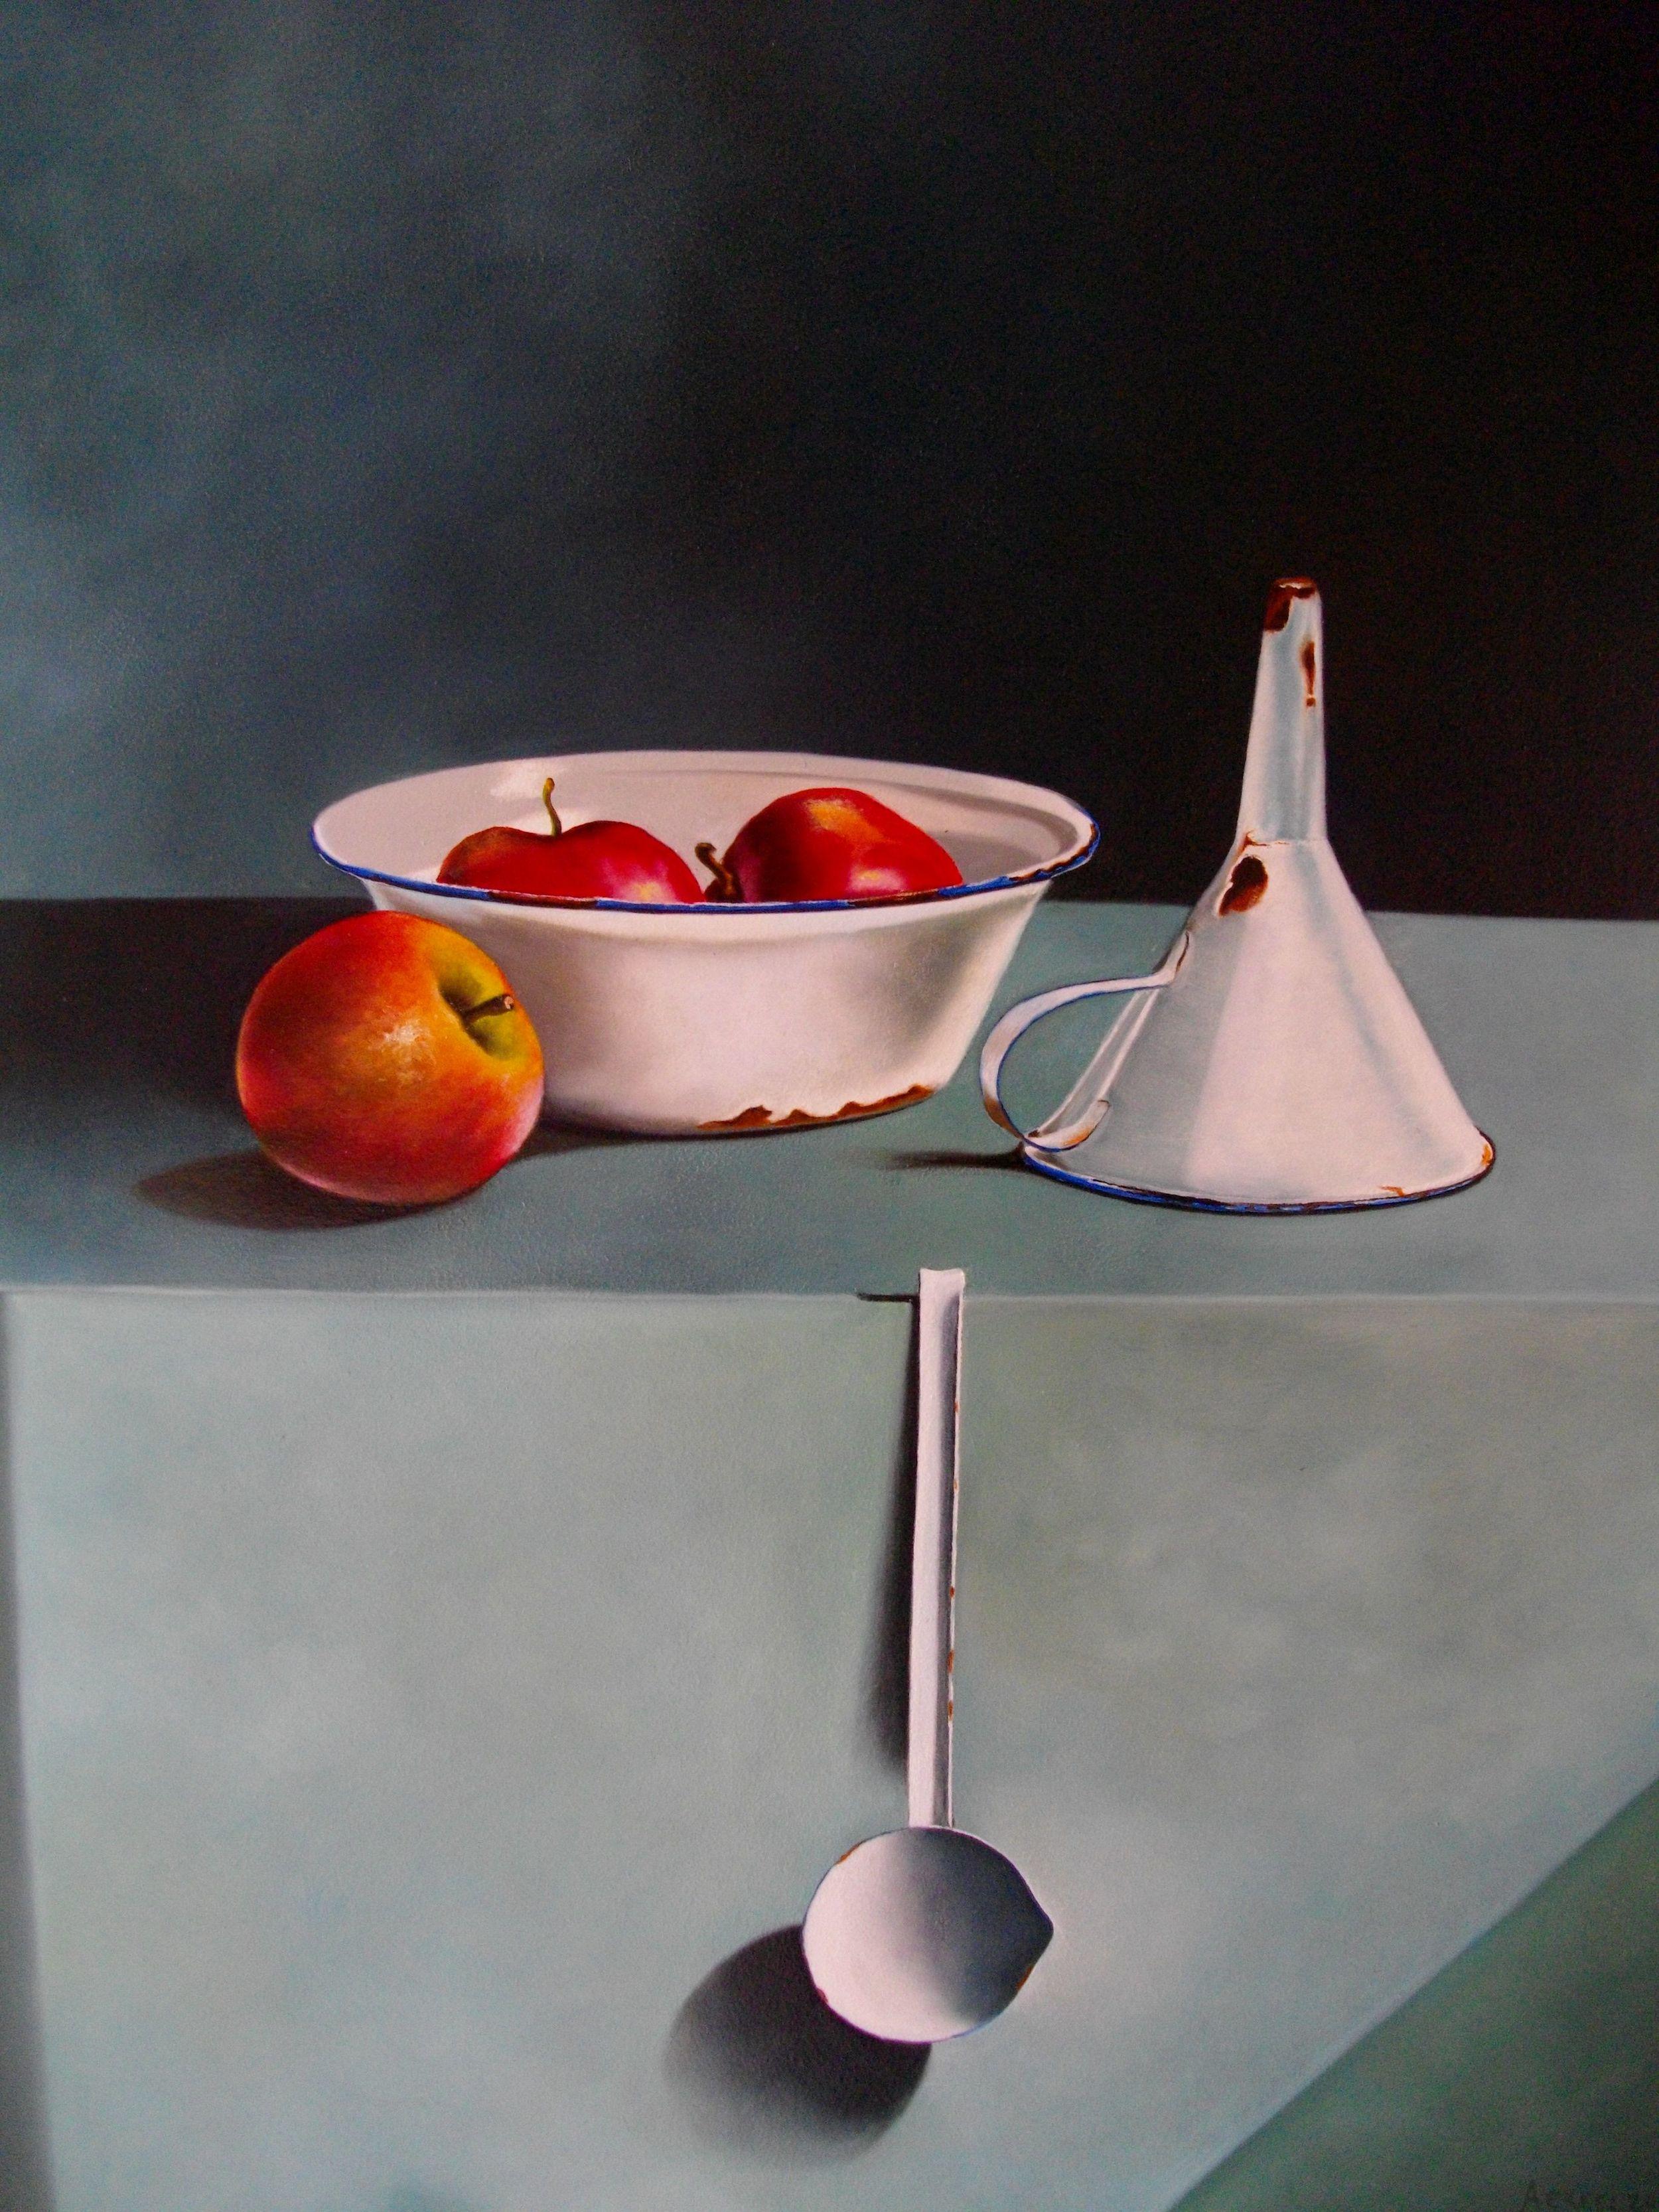 Arie Ekkel, emaille met appels, olieverf op masonite (paneel) 60x50 cm